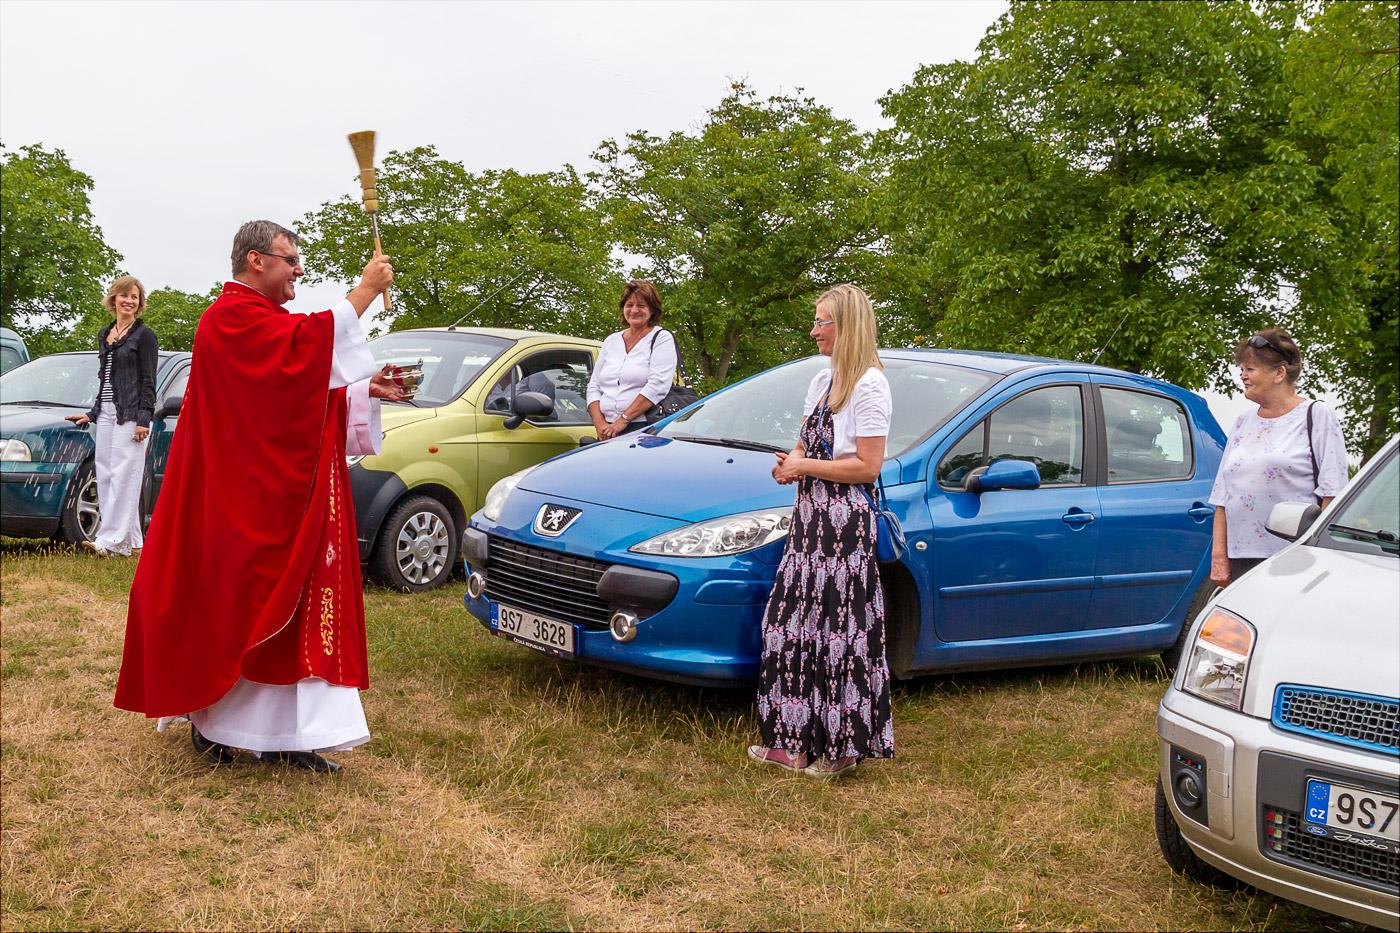 Освящение автомобилей у костела на Хвойне возле Конопиште, Чехия